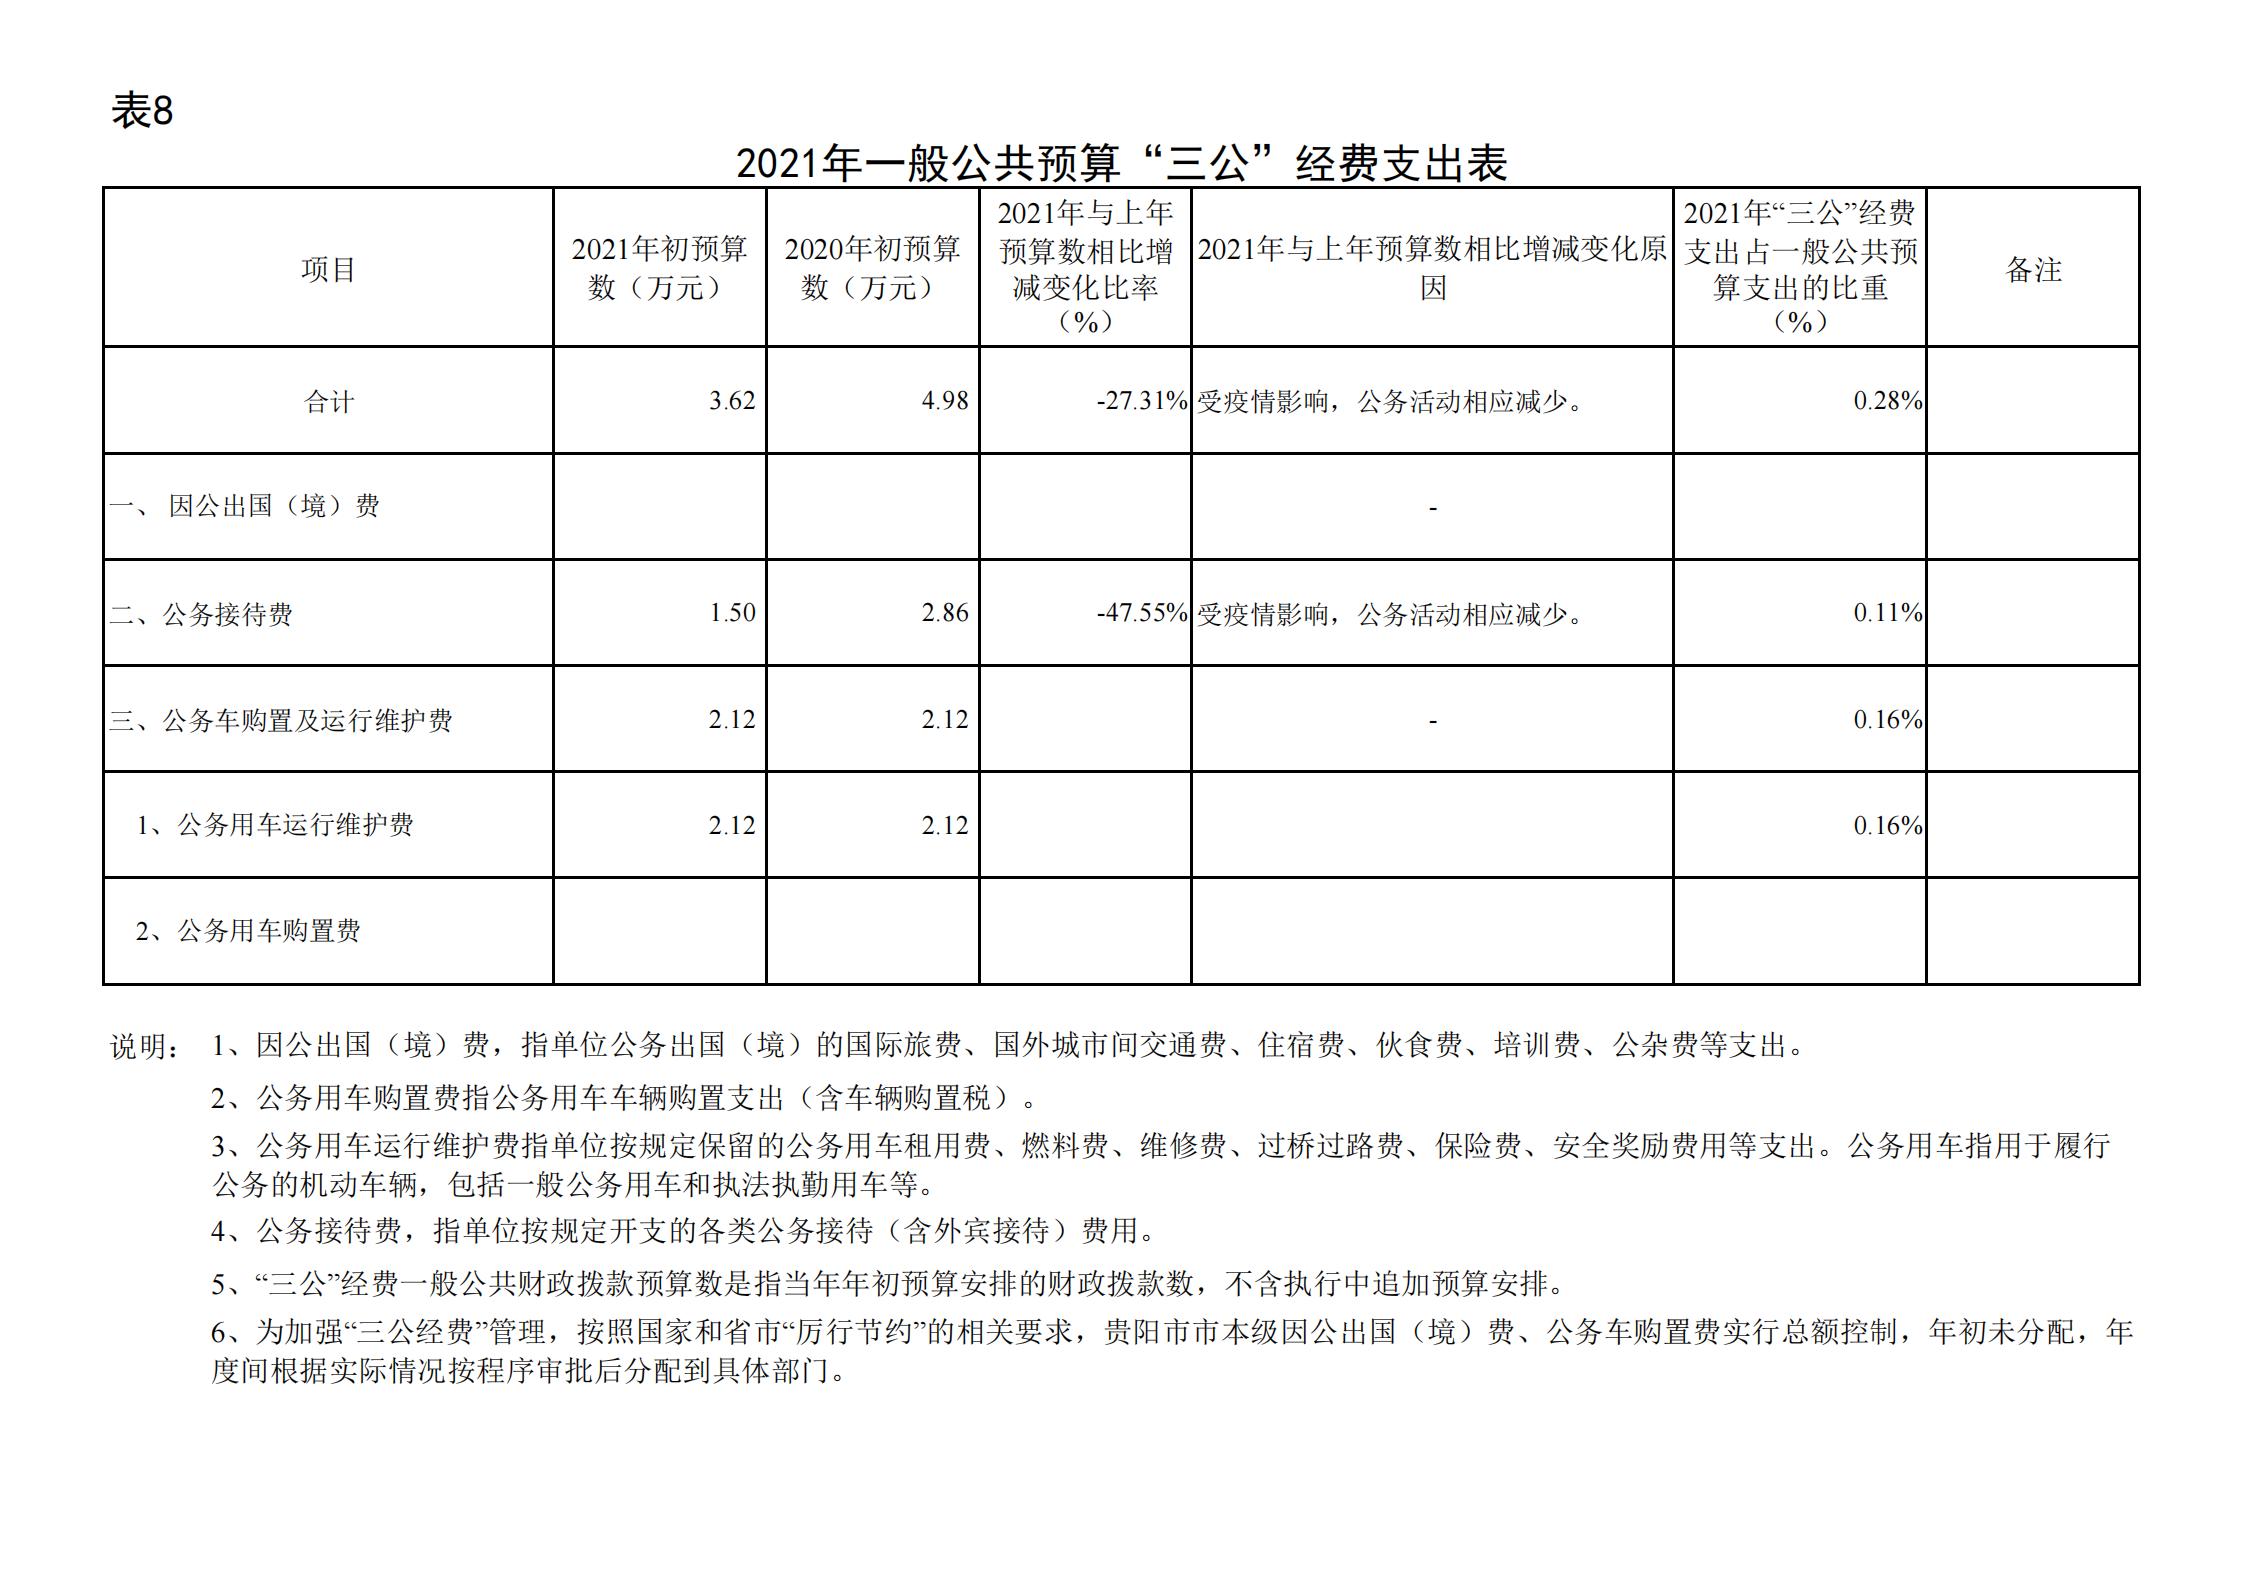 """共青团贵阳市委(本级)2021年度市级部门预算、""""三公""""经费预算公开说明(1)_21.png"""